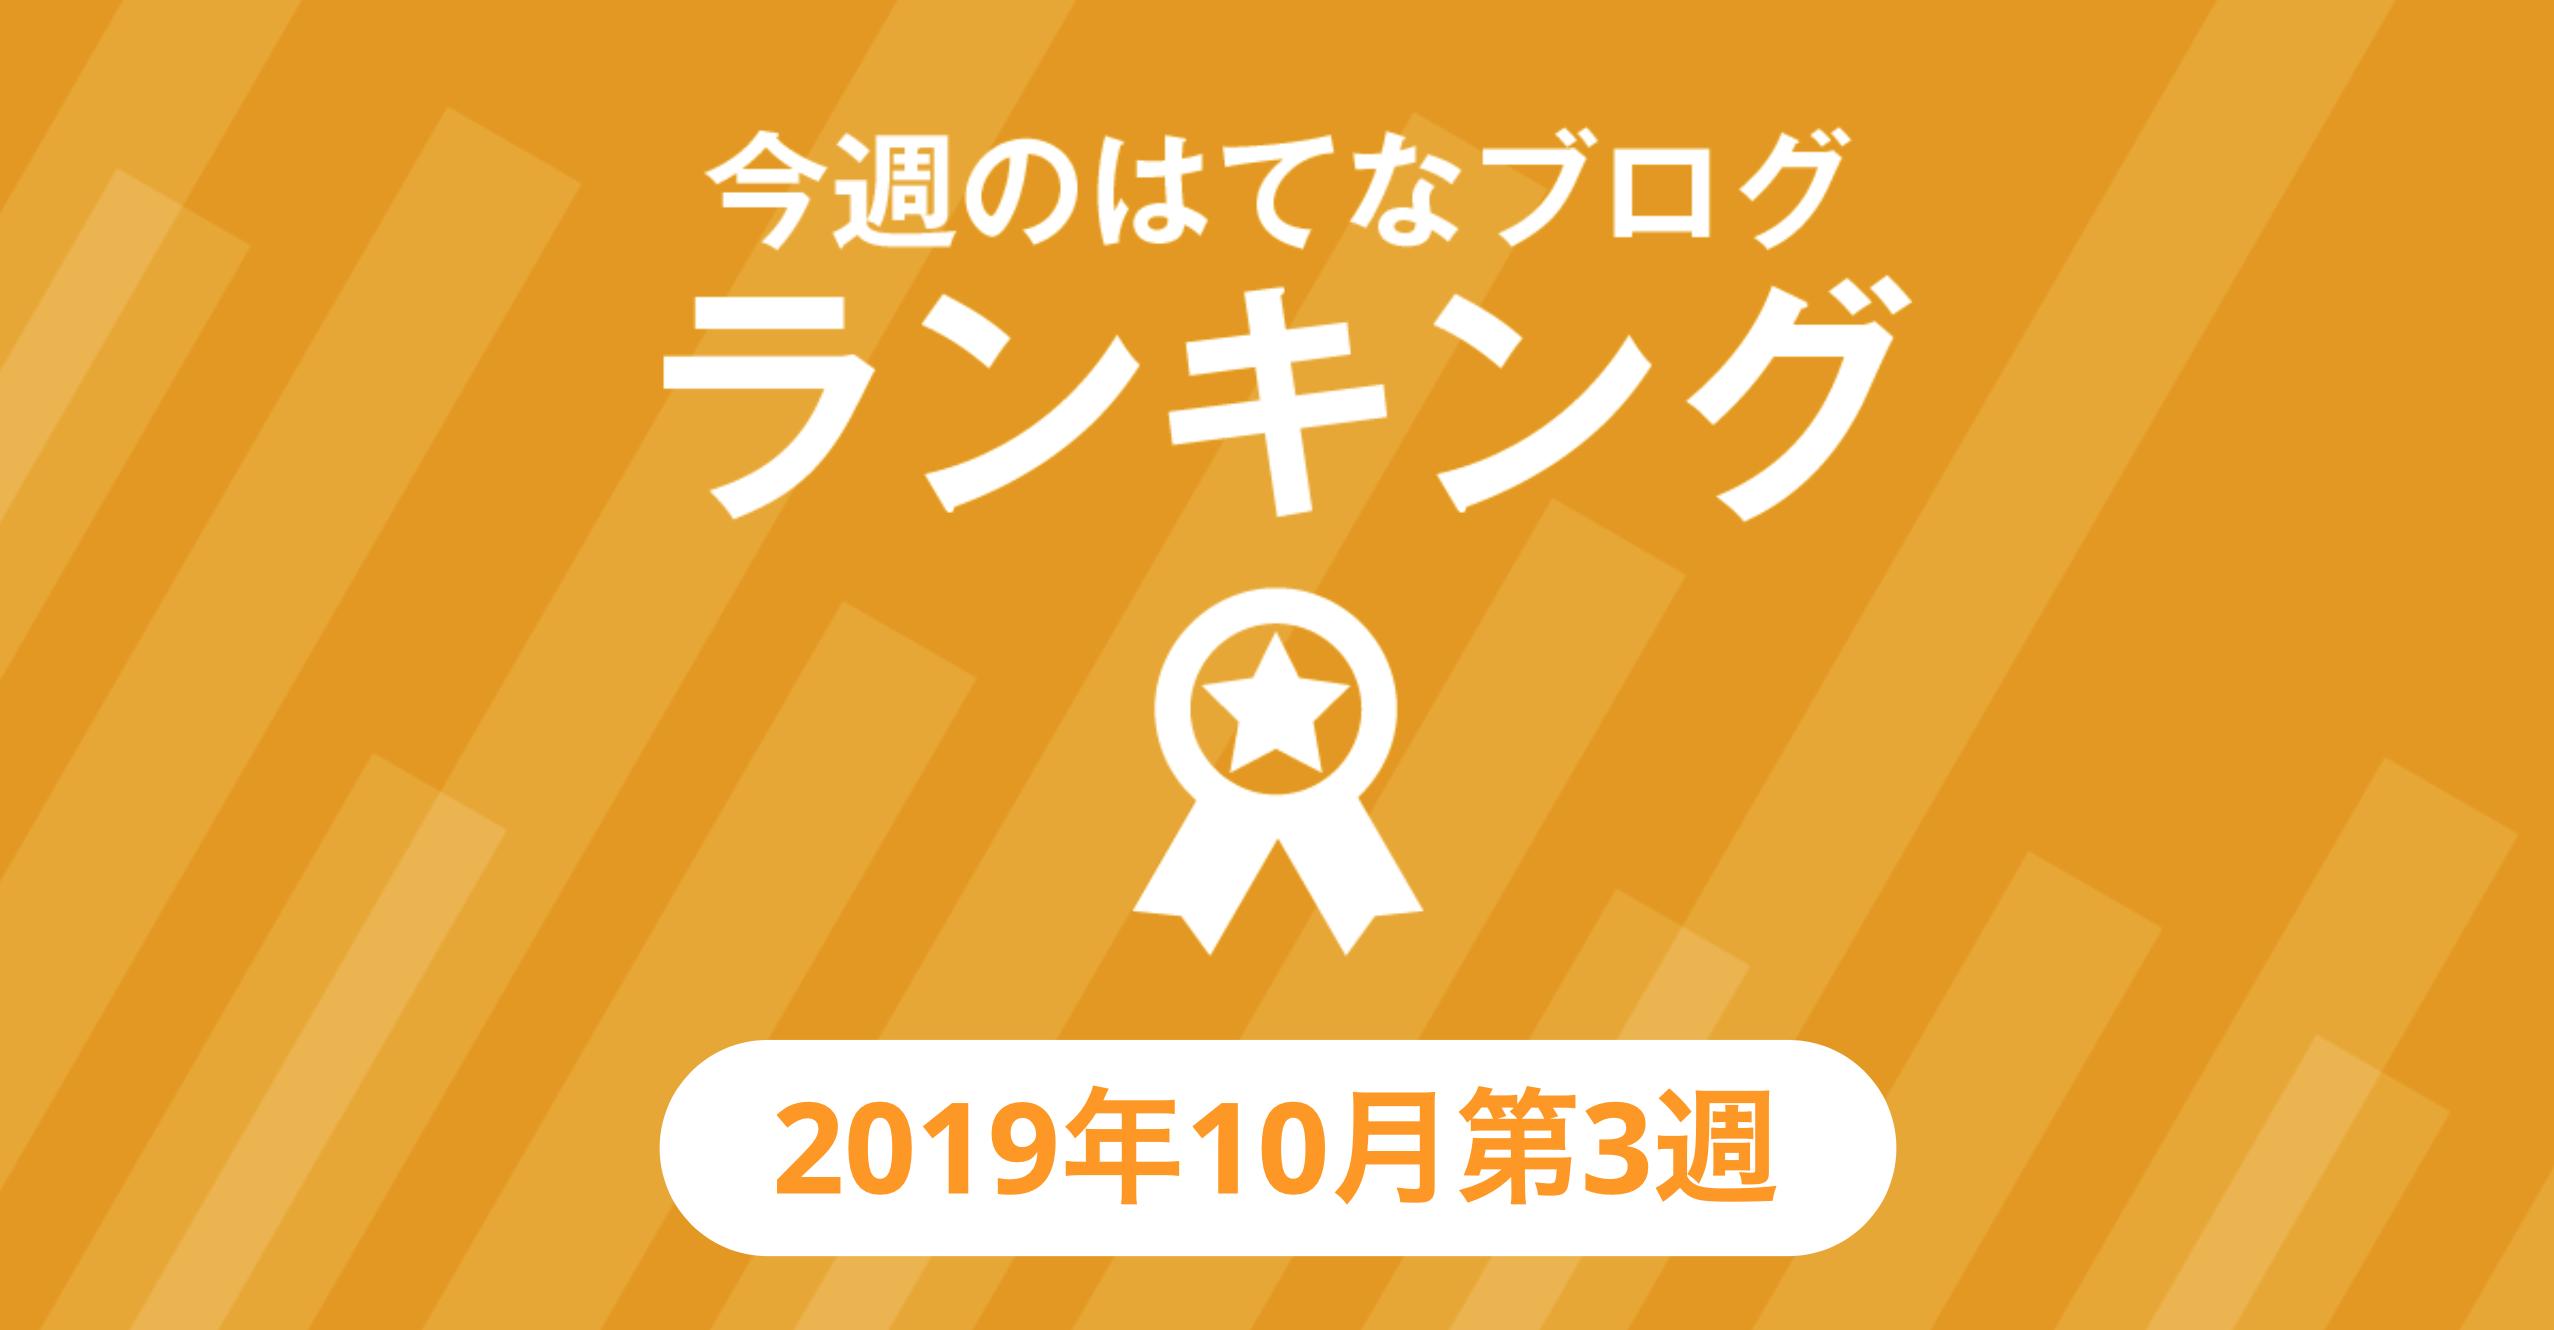 今週のはてなブログランキング〔2019年10月第3週〕の画像